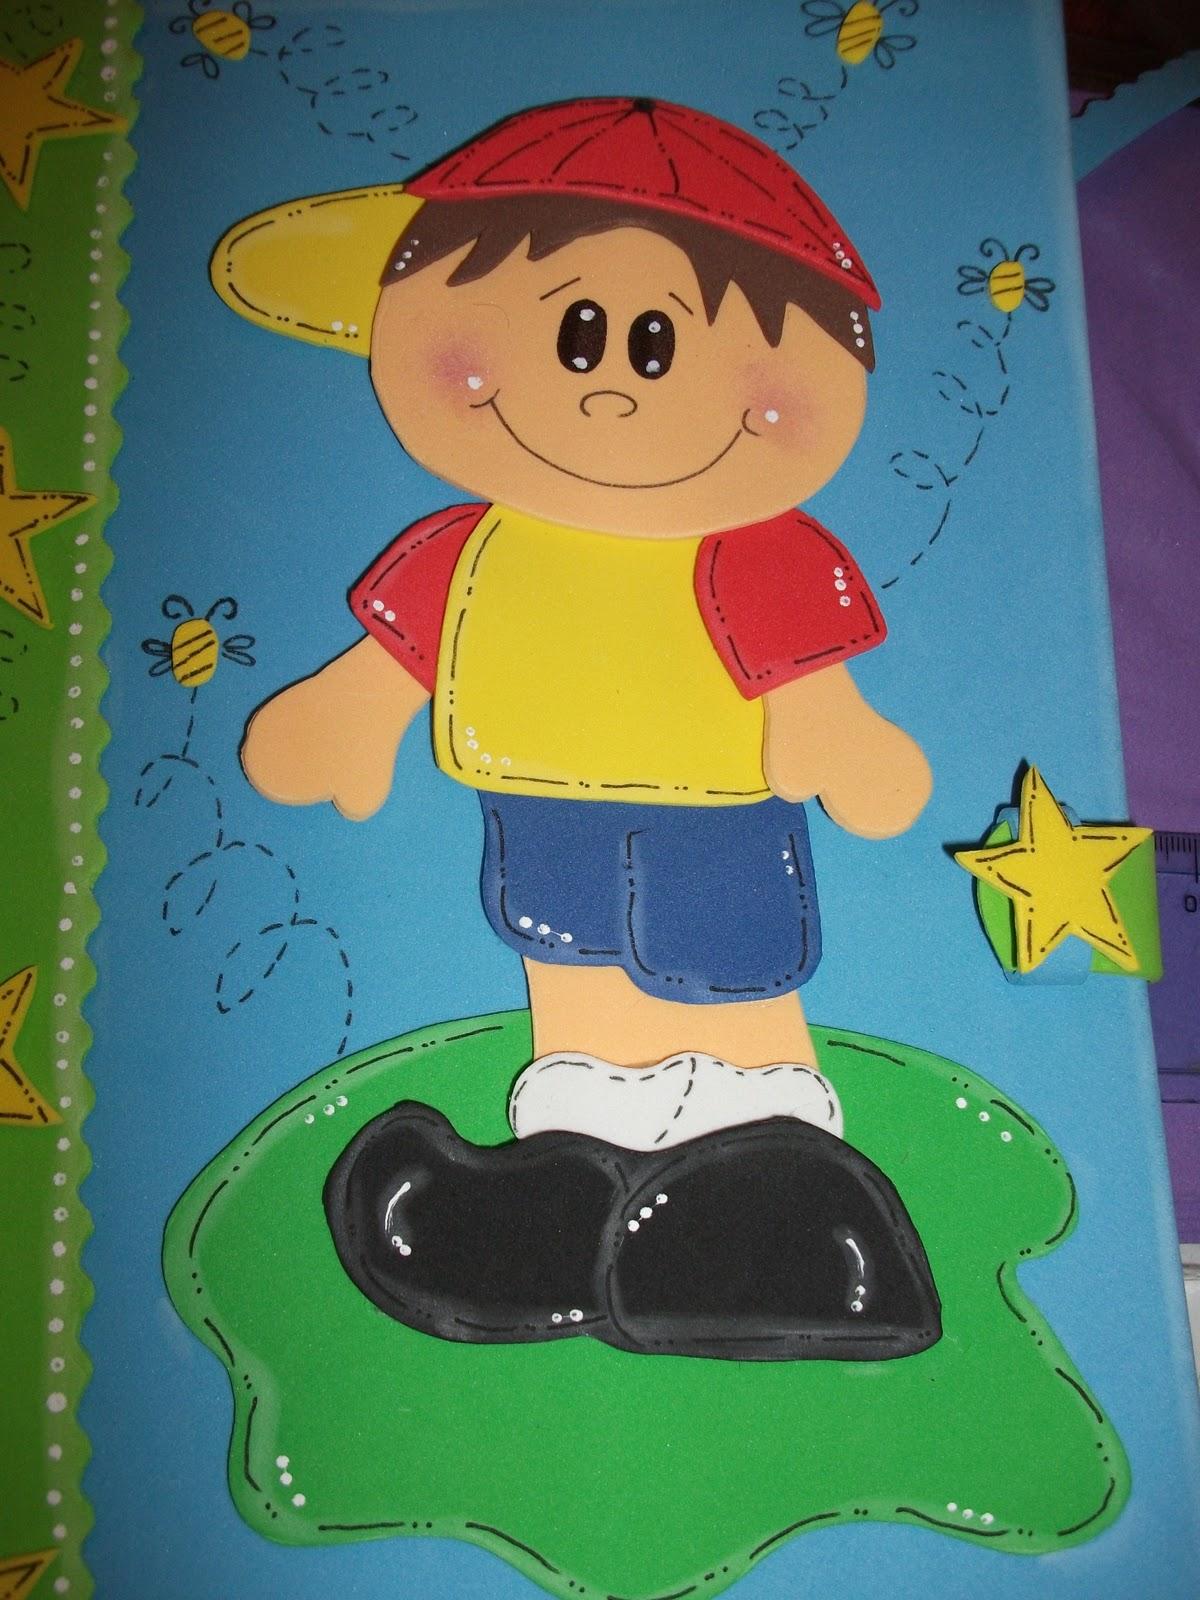 Blogs de todo cuadernos decorados 2 0 for Puertas decoradas dia del libro